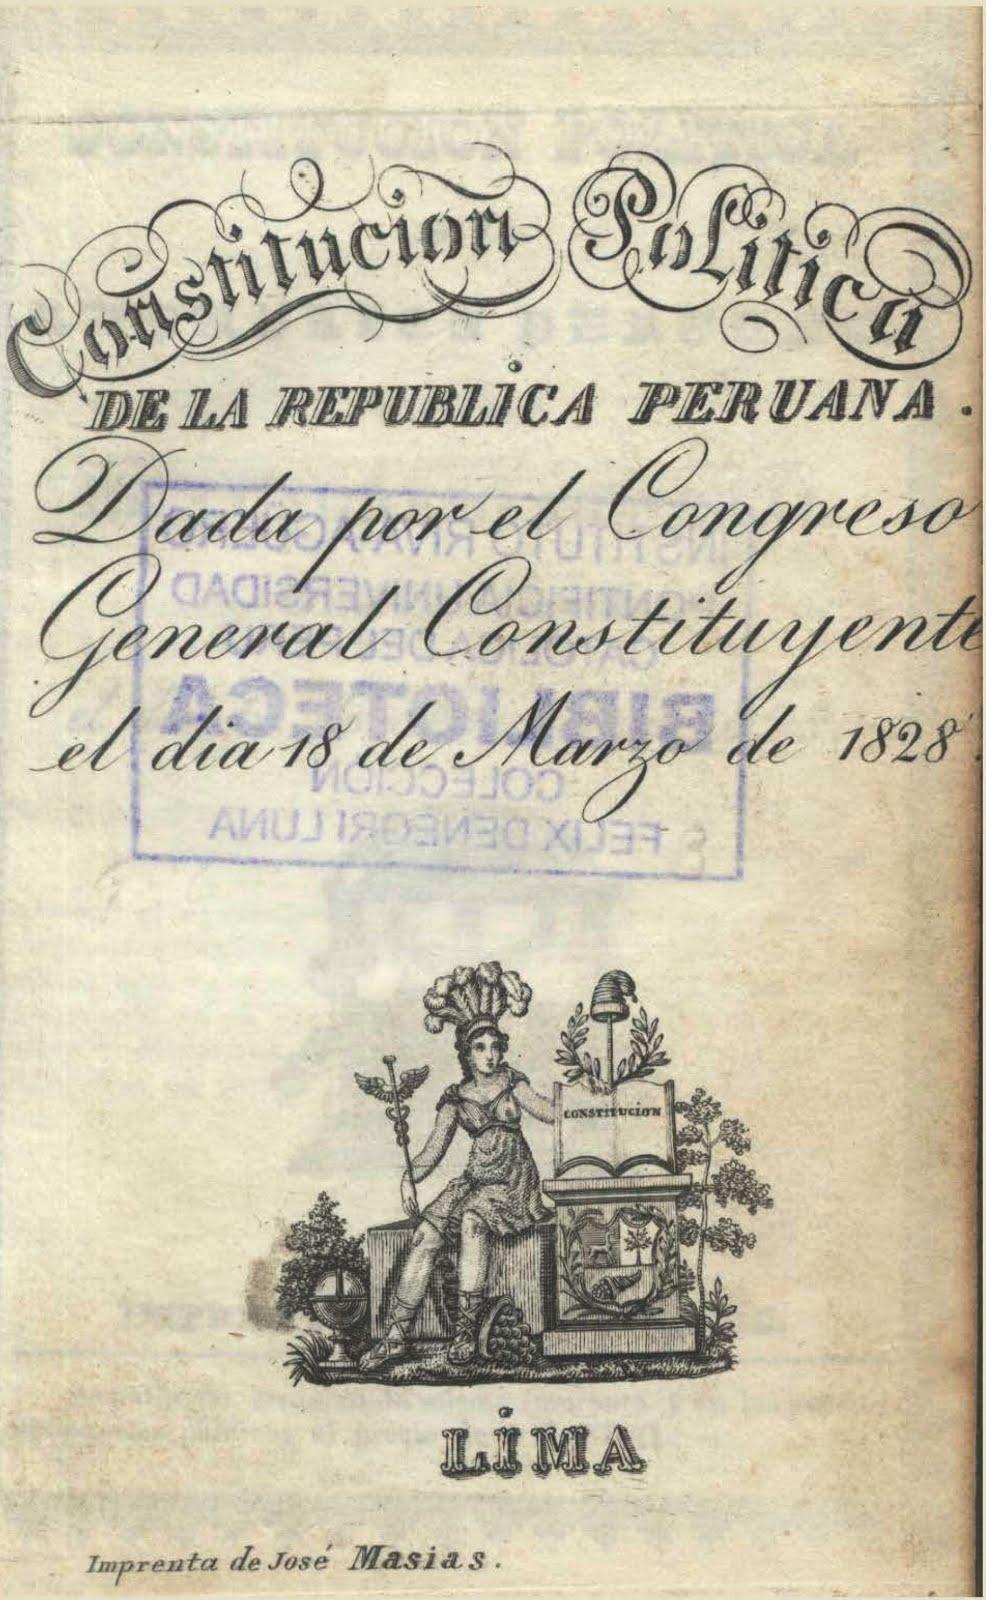 Constitución Política de la República Peruana 1828